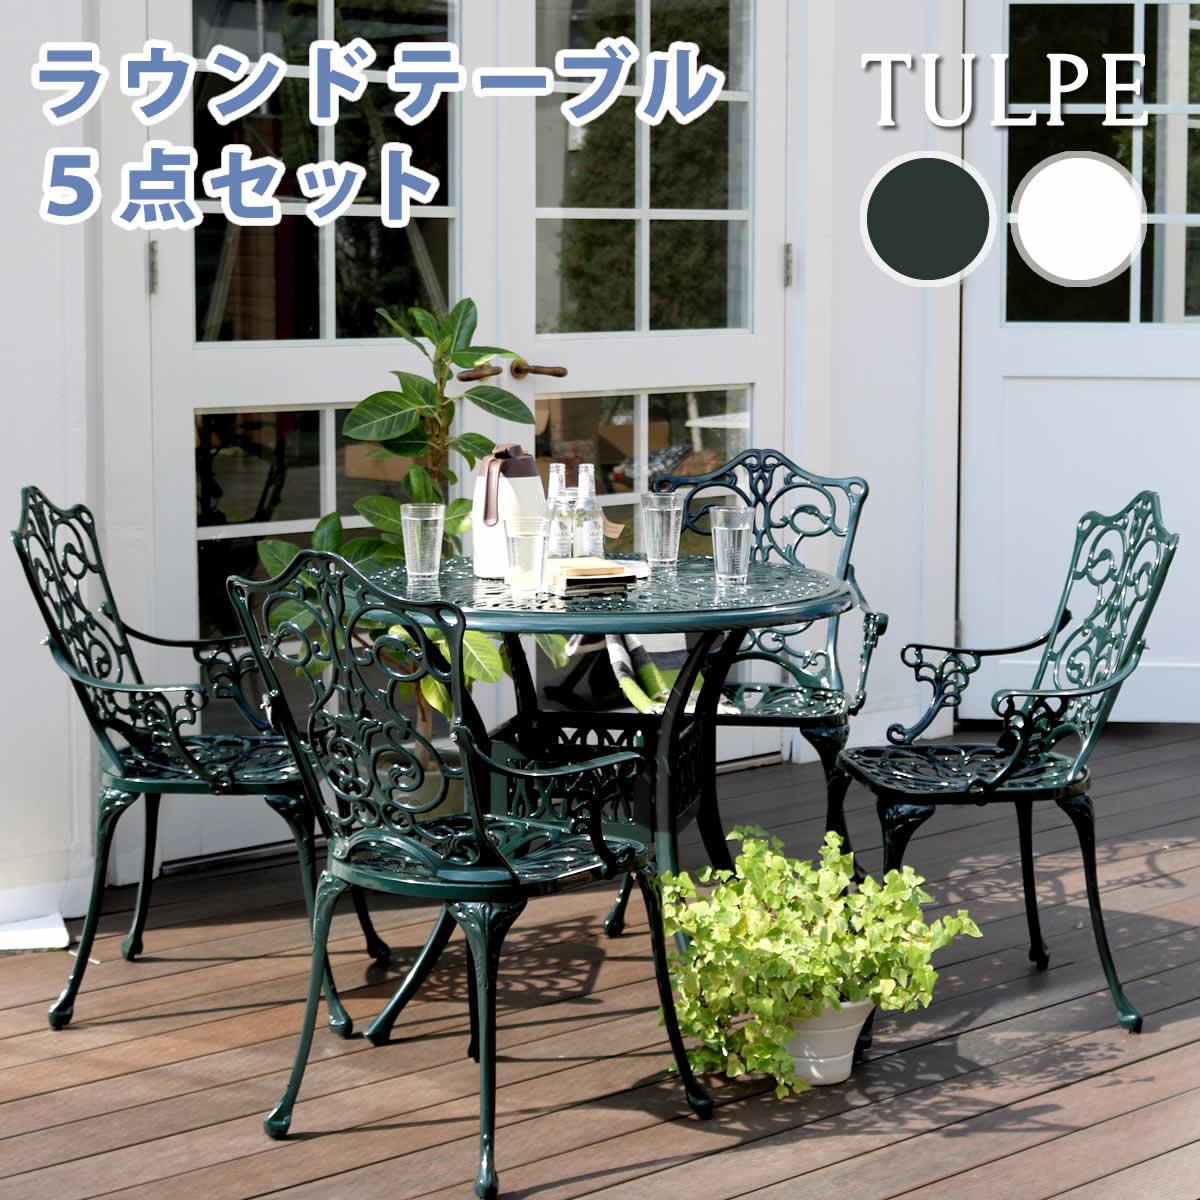 【5点セット】《SMST》トルペ アルミ製ラウンドテーブル5点セット (幅90cm円テーブル+チェア4脚) テラス 庭 ウッドデッキ 椅子 机 アンティーク シンプル 北欧 インテリア家具 ガーデン alt-ro90-5p